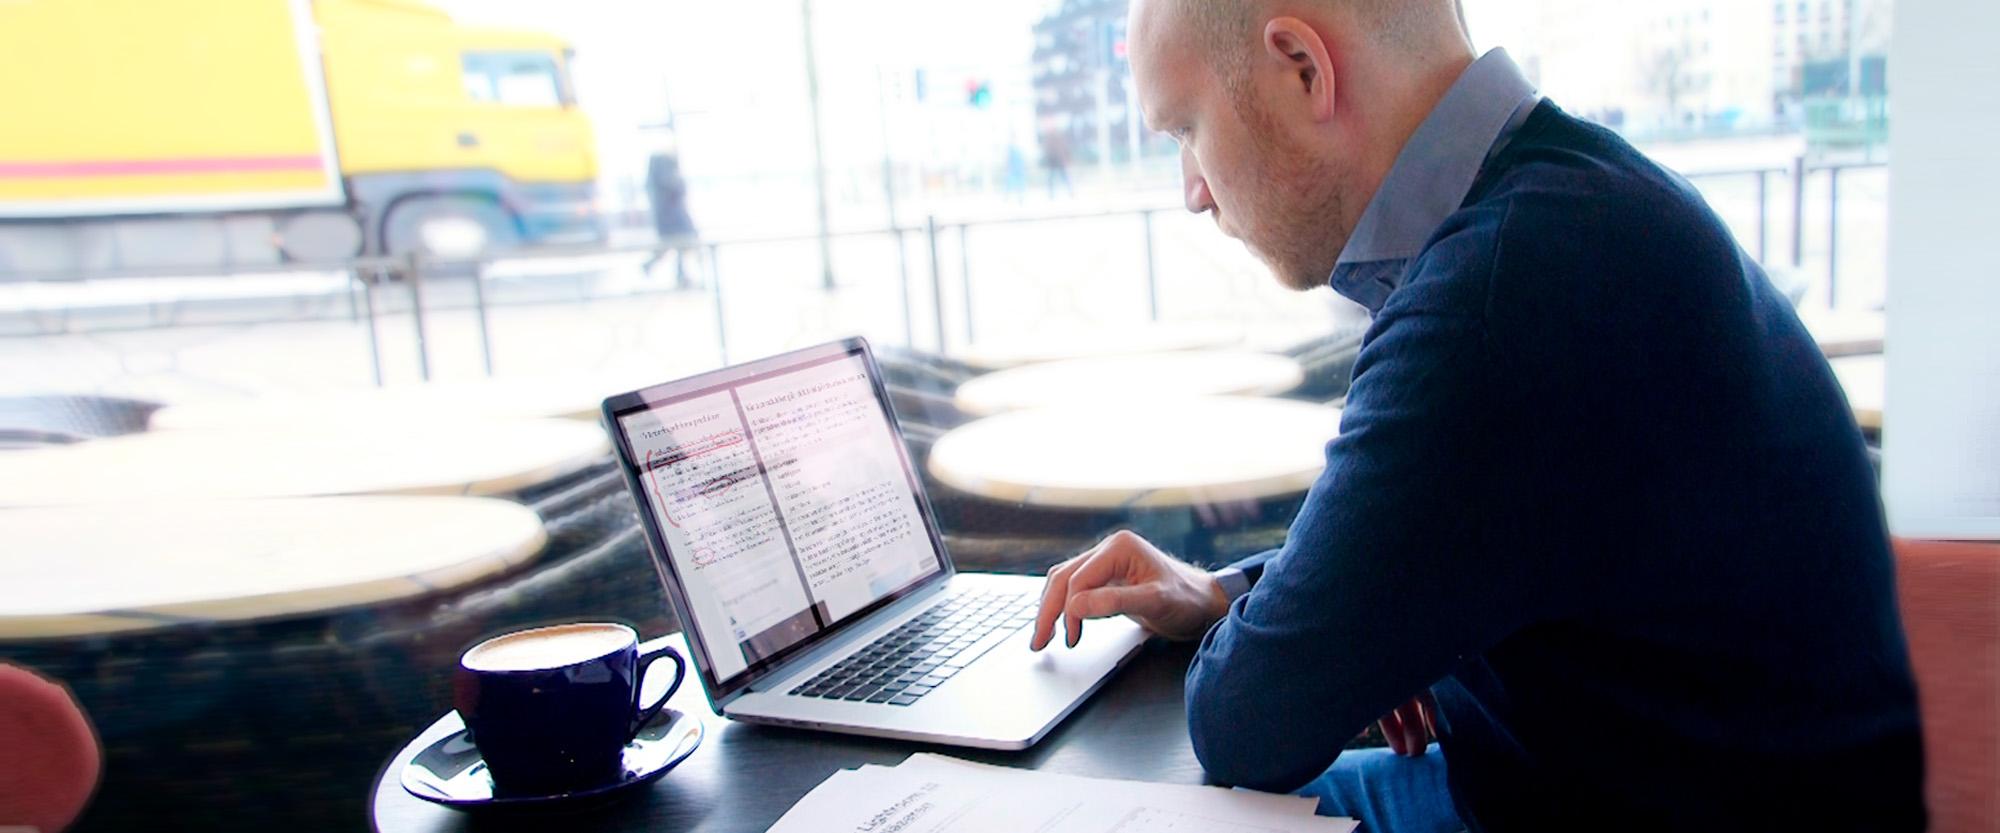 Onlinekurs Skriv bättre texter på webben